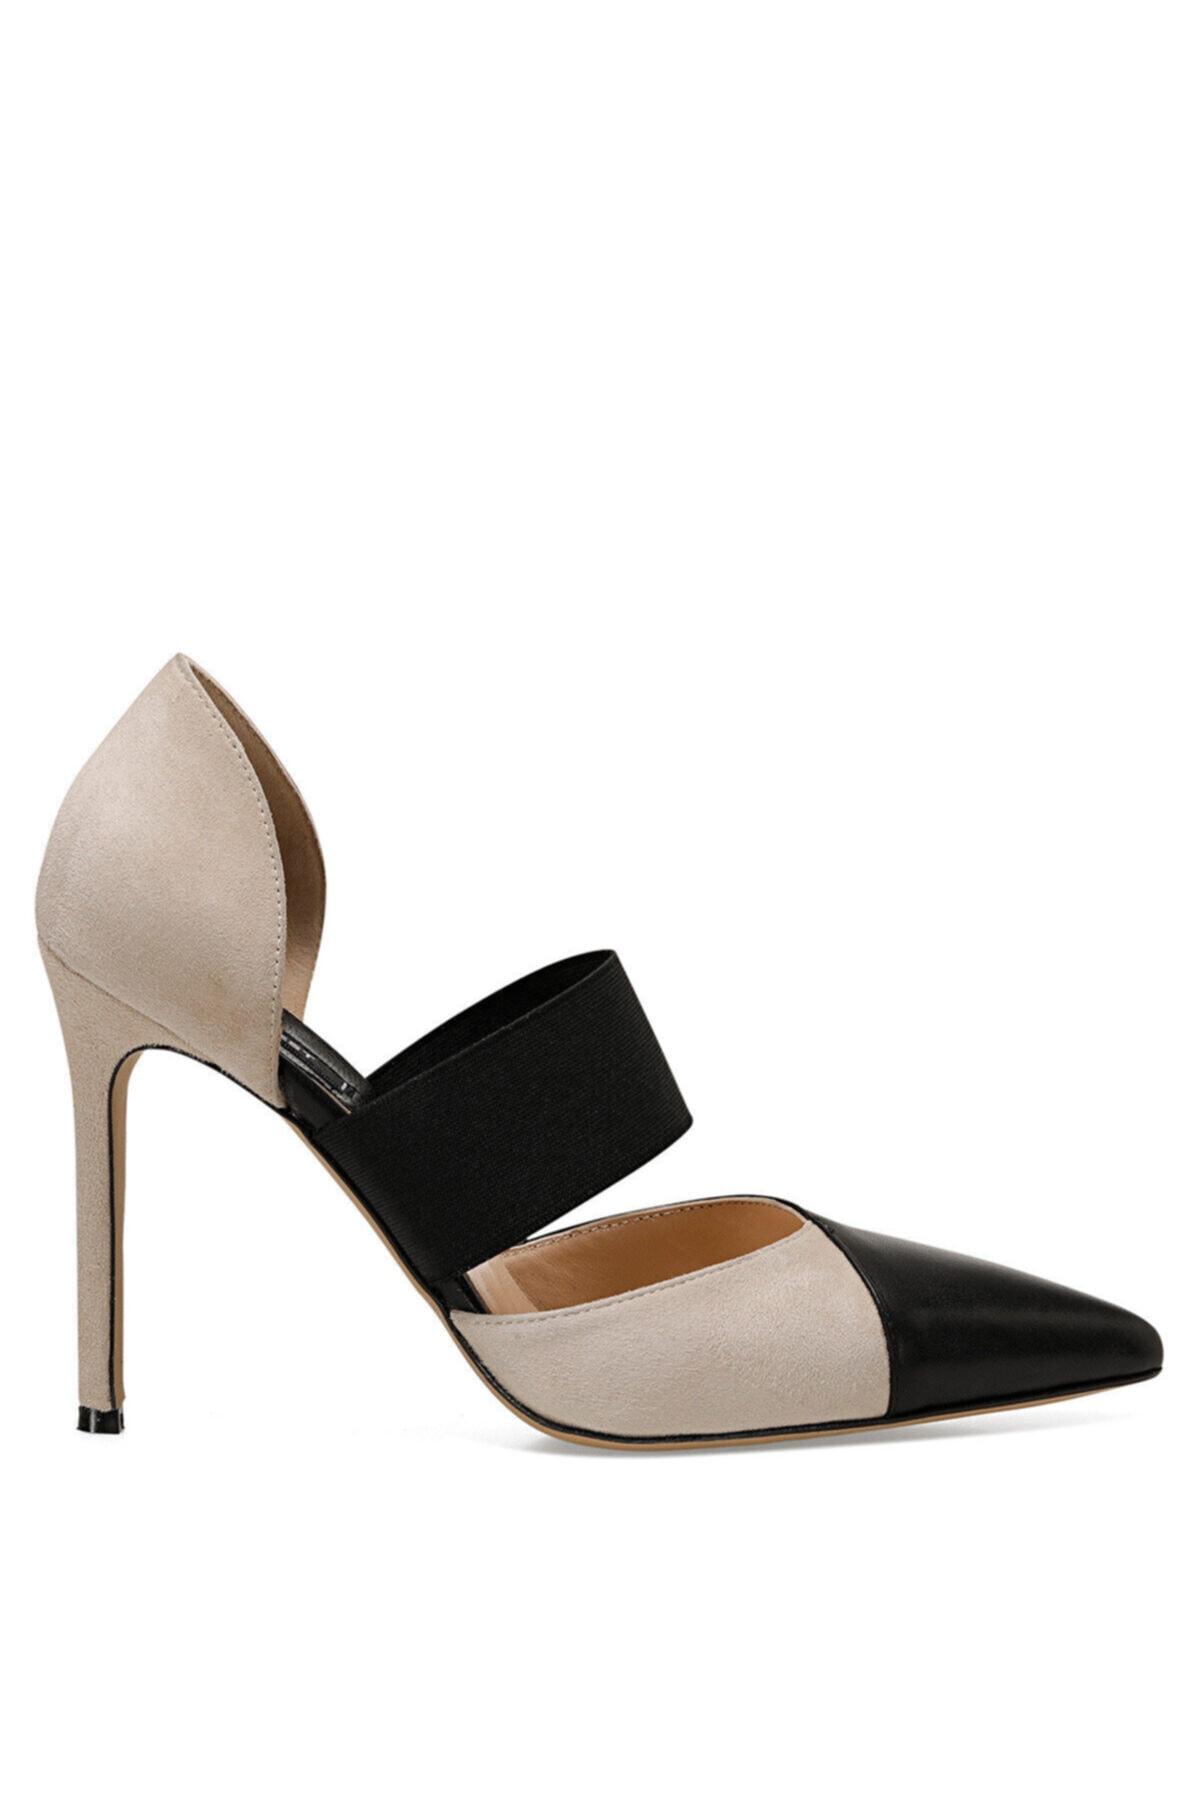 Nine West BEYONA Bej Kadın Hakiki Deri Topuklu Ayakkabı 100526372 1